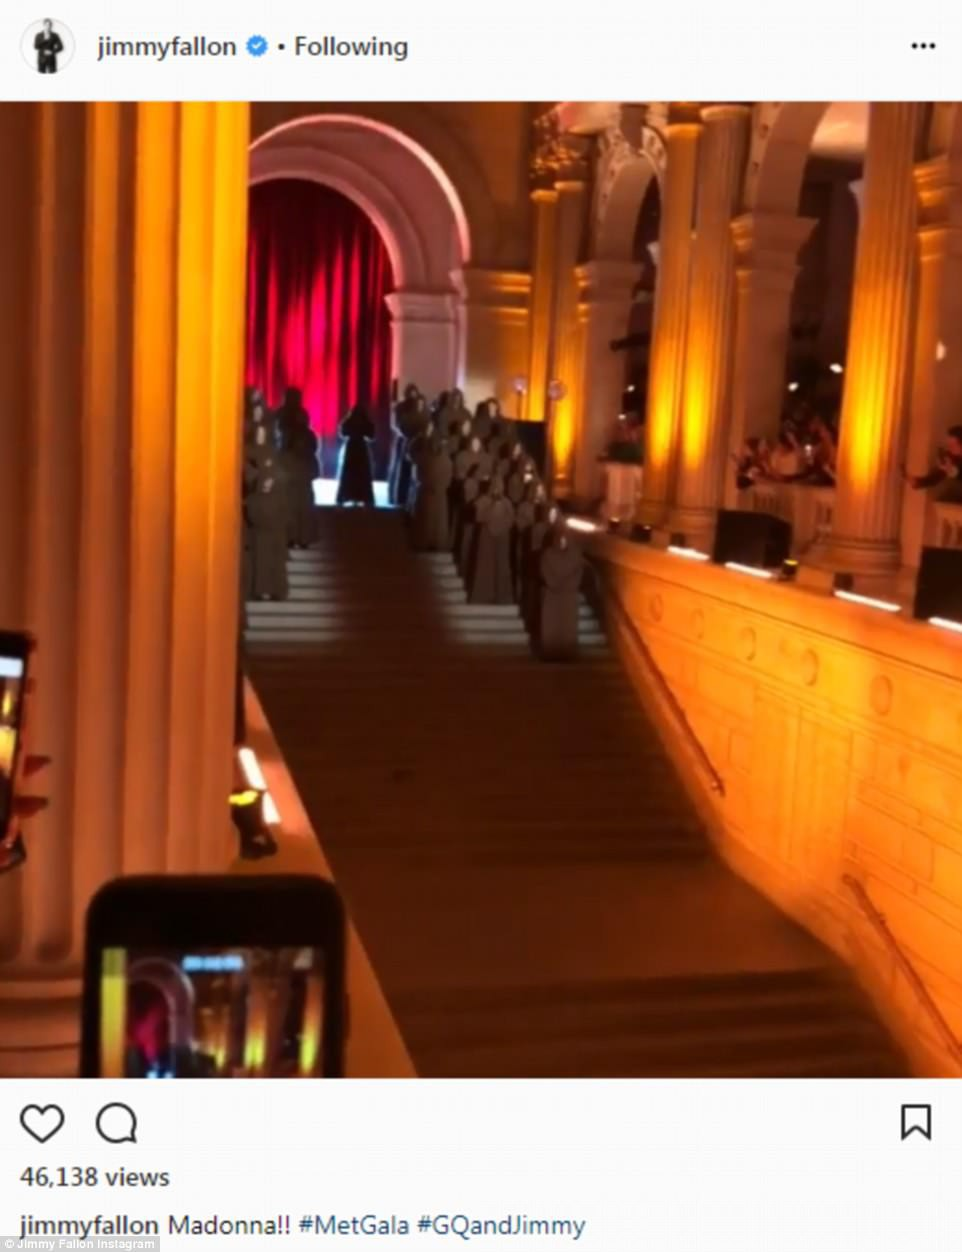 Met Gala 2018: Các khách mời phấn khích trước tiết mục Nấc thang lên thiên đường của Madonna - Ảnh 3.